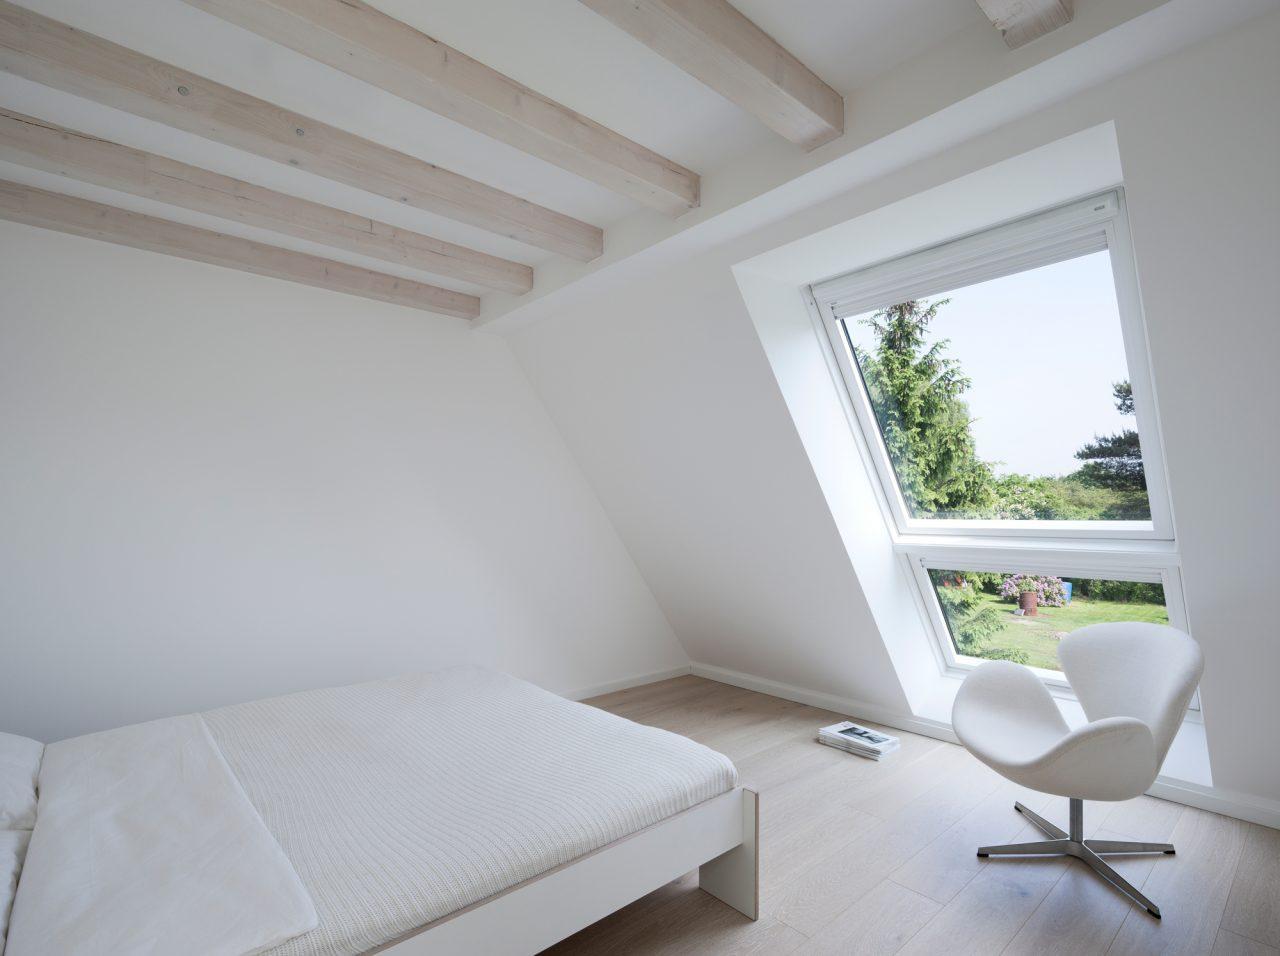 Calcolare la pendenza di un tetto percentuale e gradi casa luce - Quanto costa una finestra velux ...